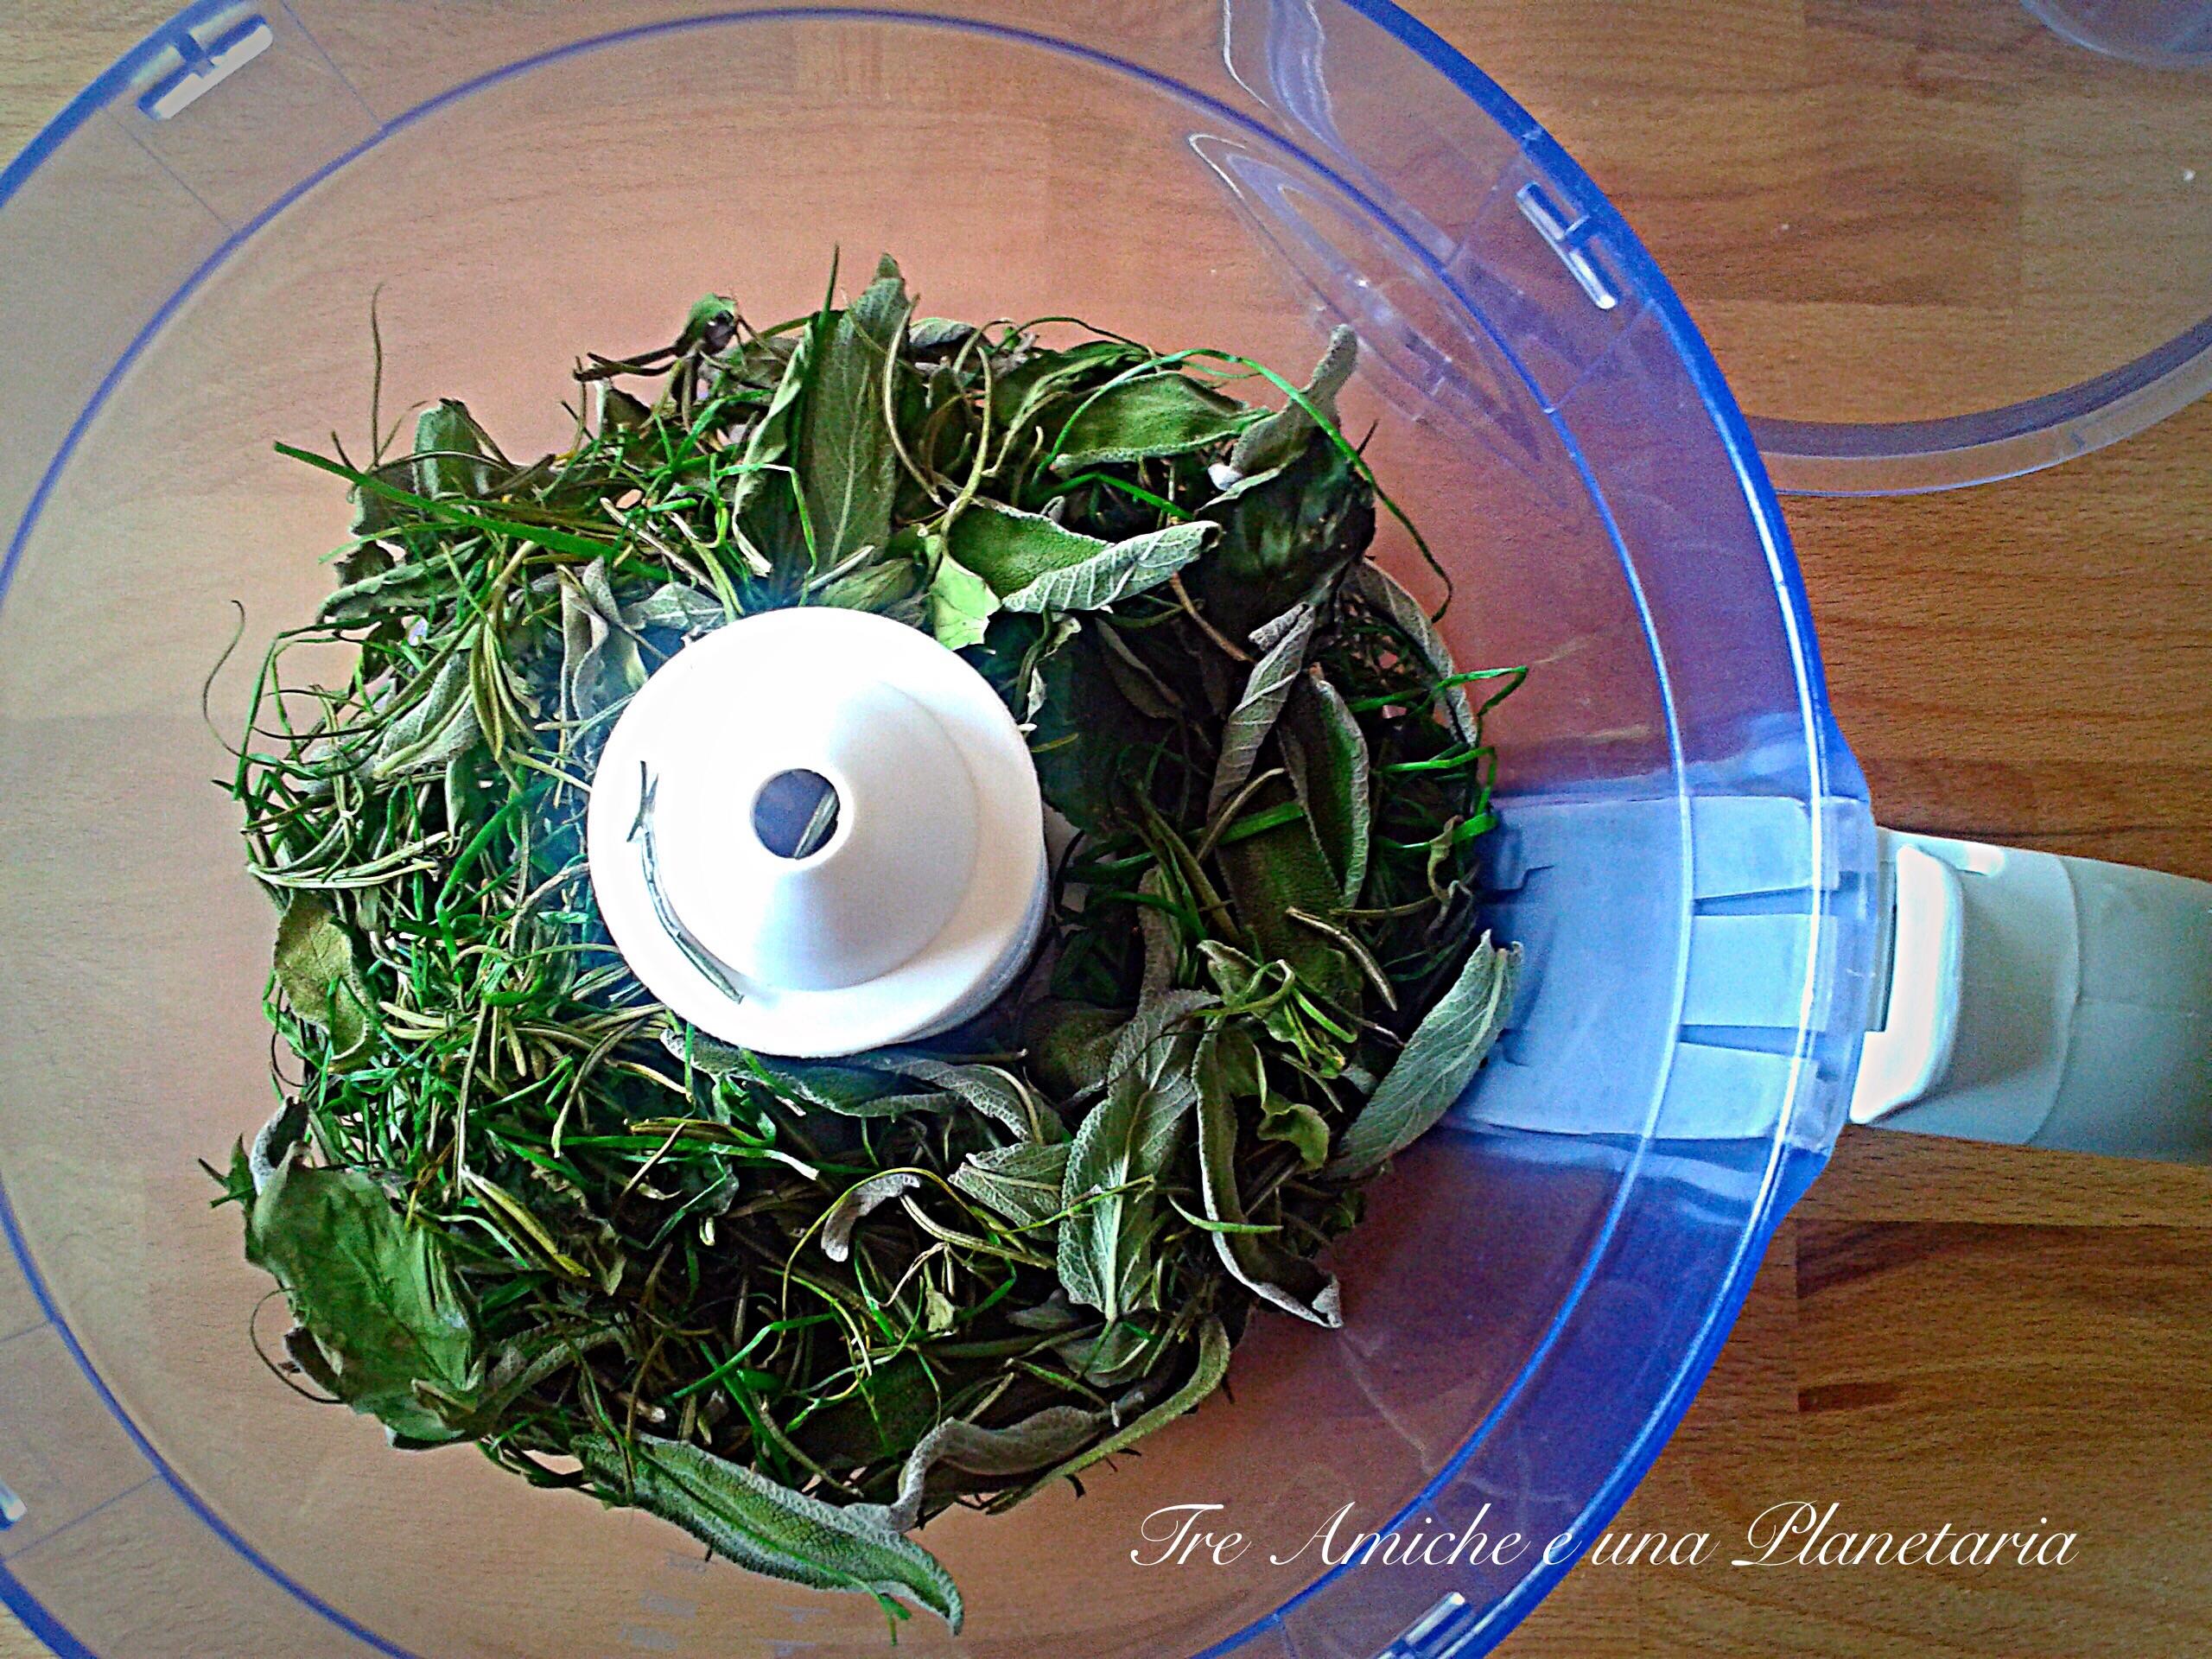 Come Seccare Le Piante come essiccare le erbe aromatiche nel microonde